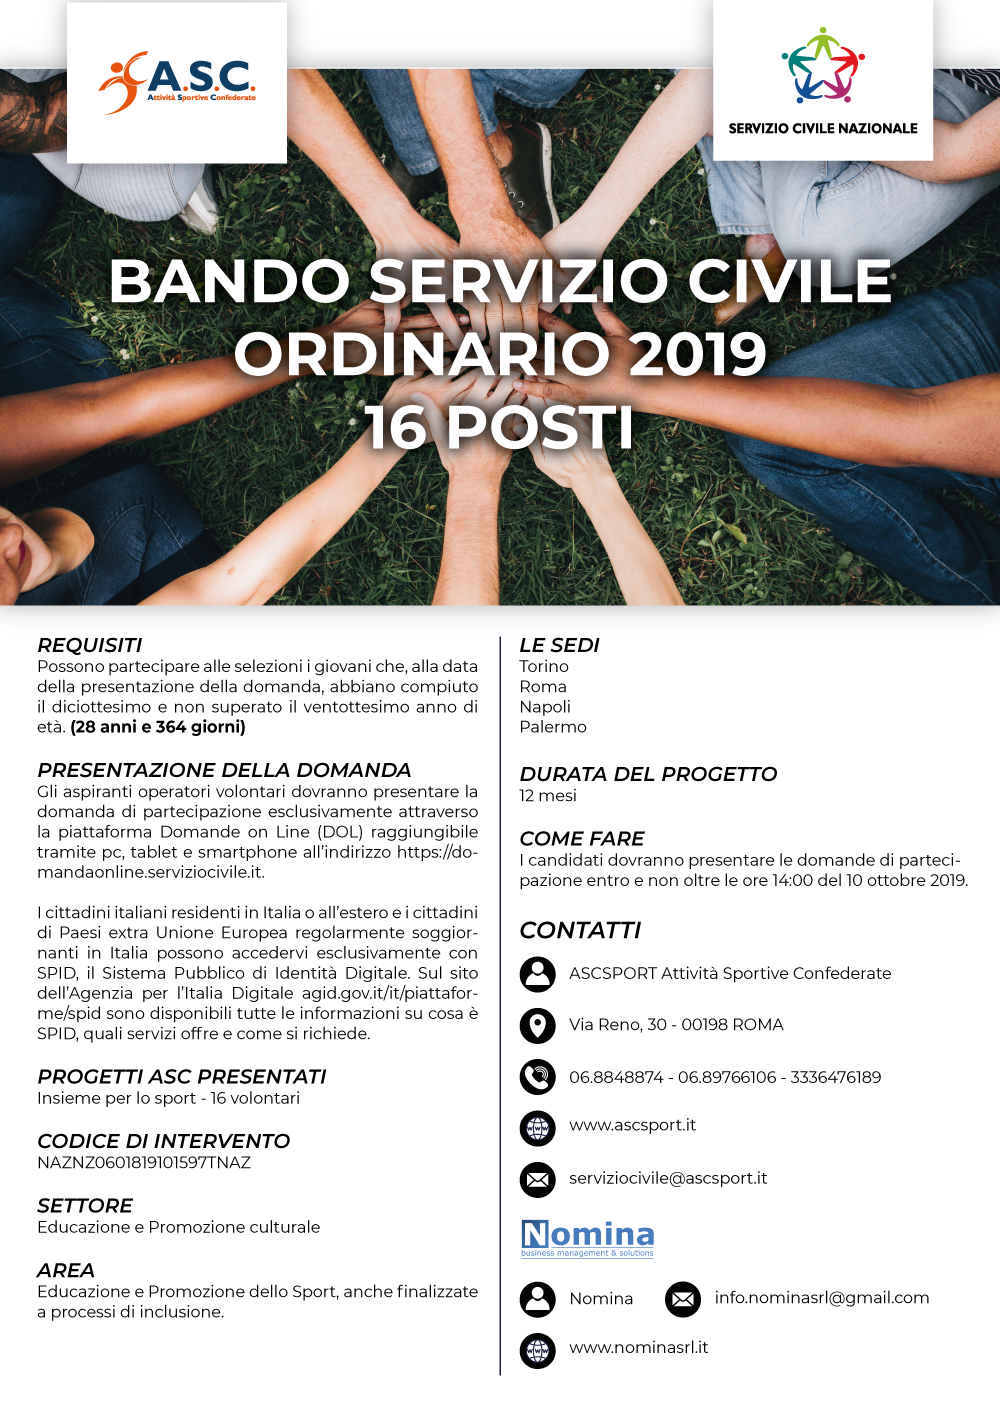 BANDO SERVIZIO CIVILE ORDINARIO 2019 - 16 POSTI